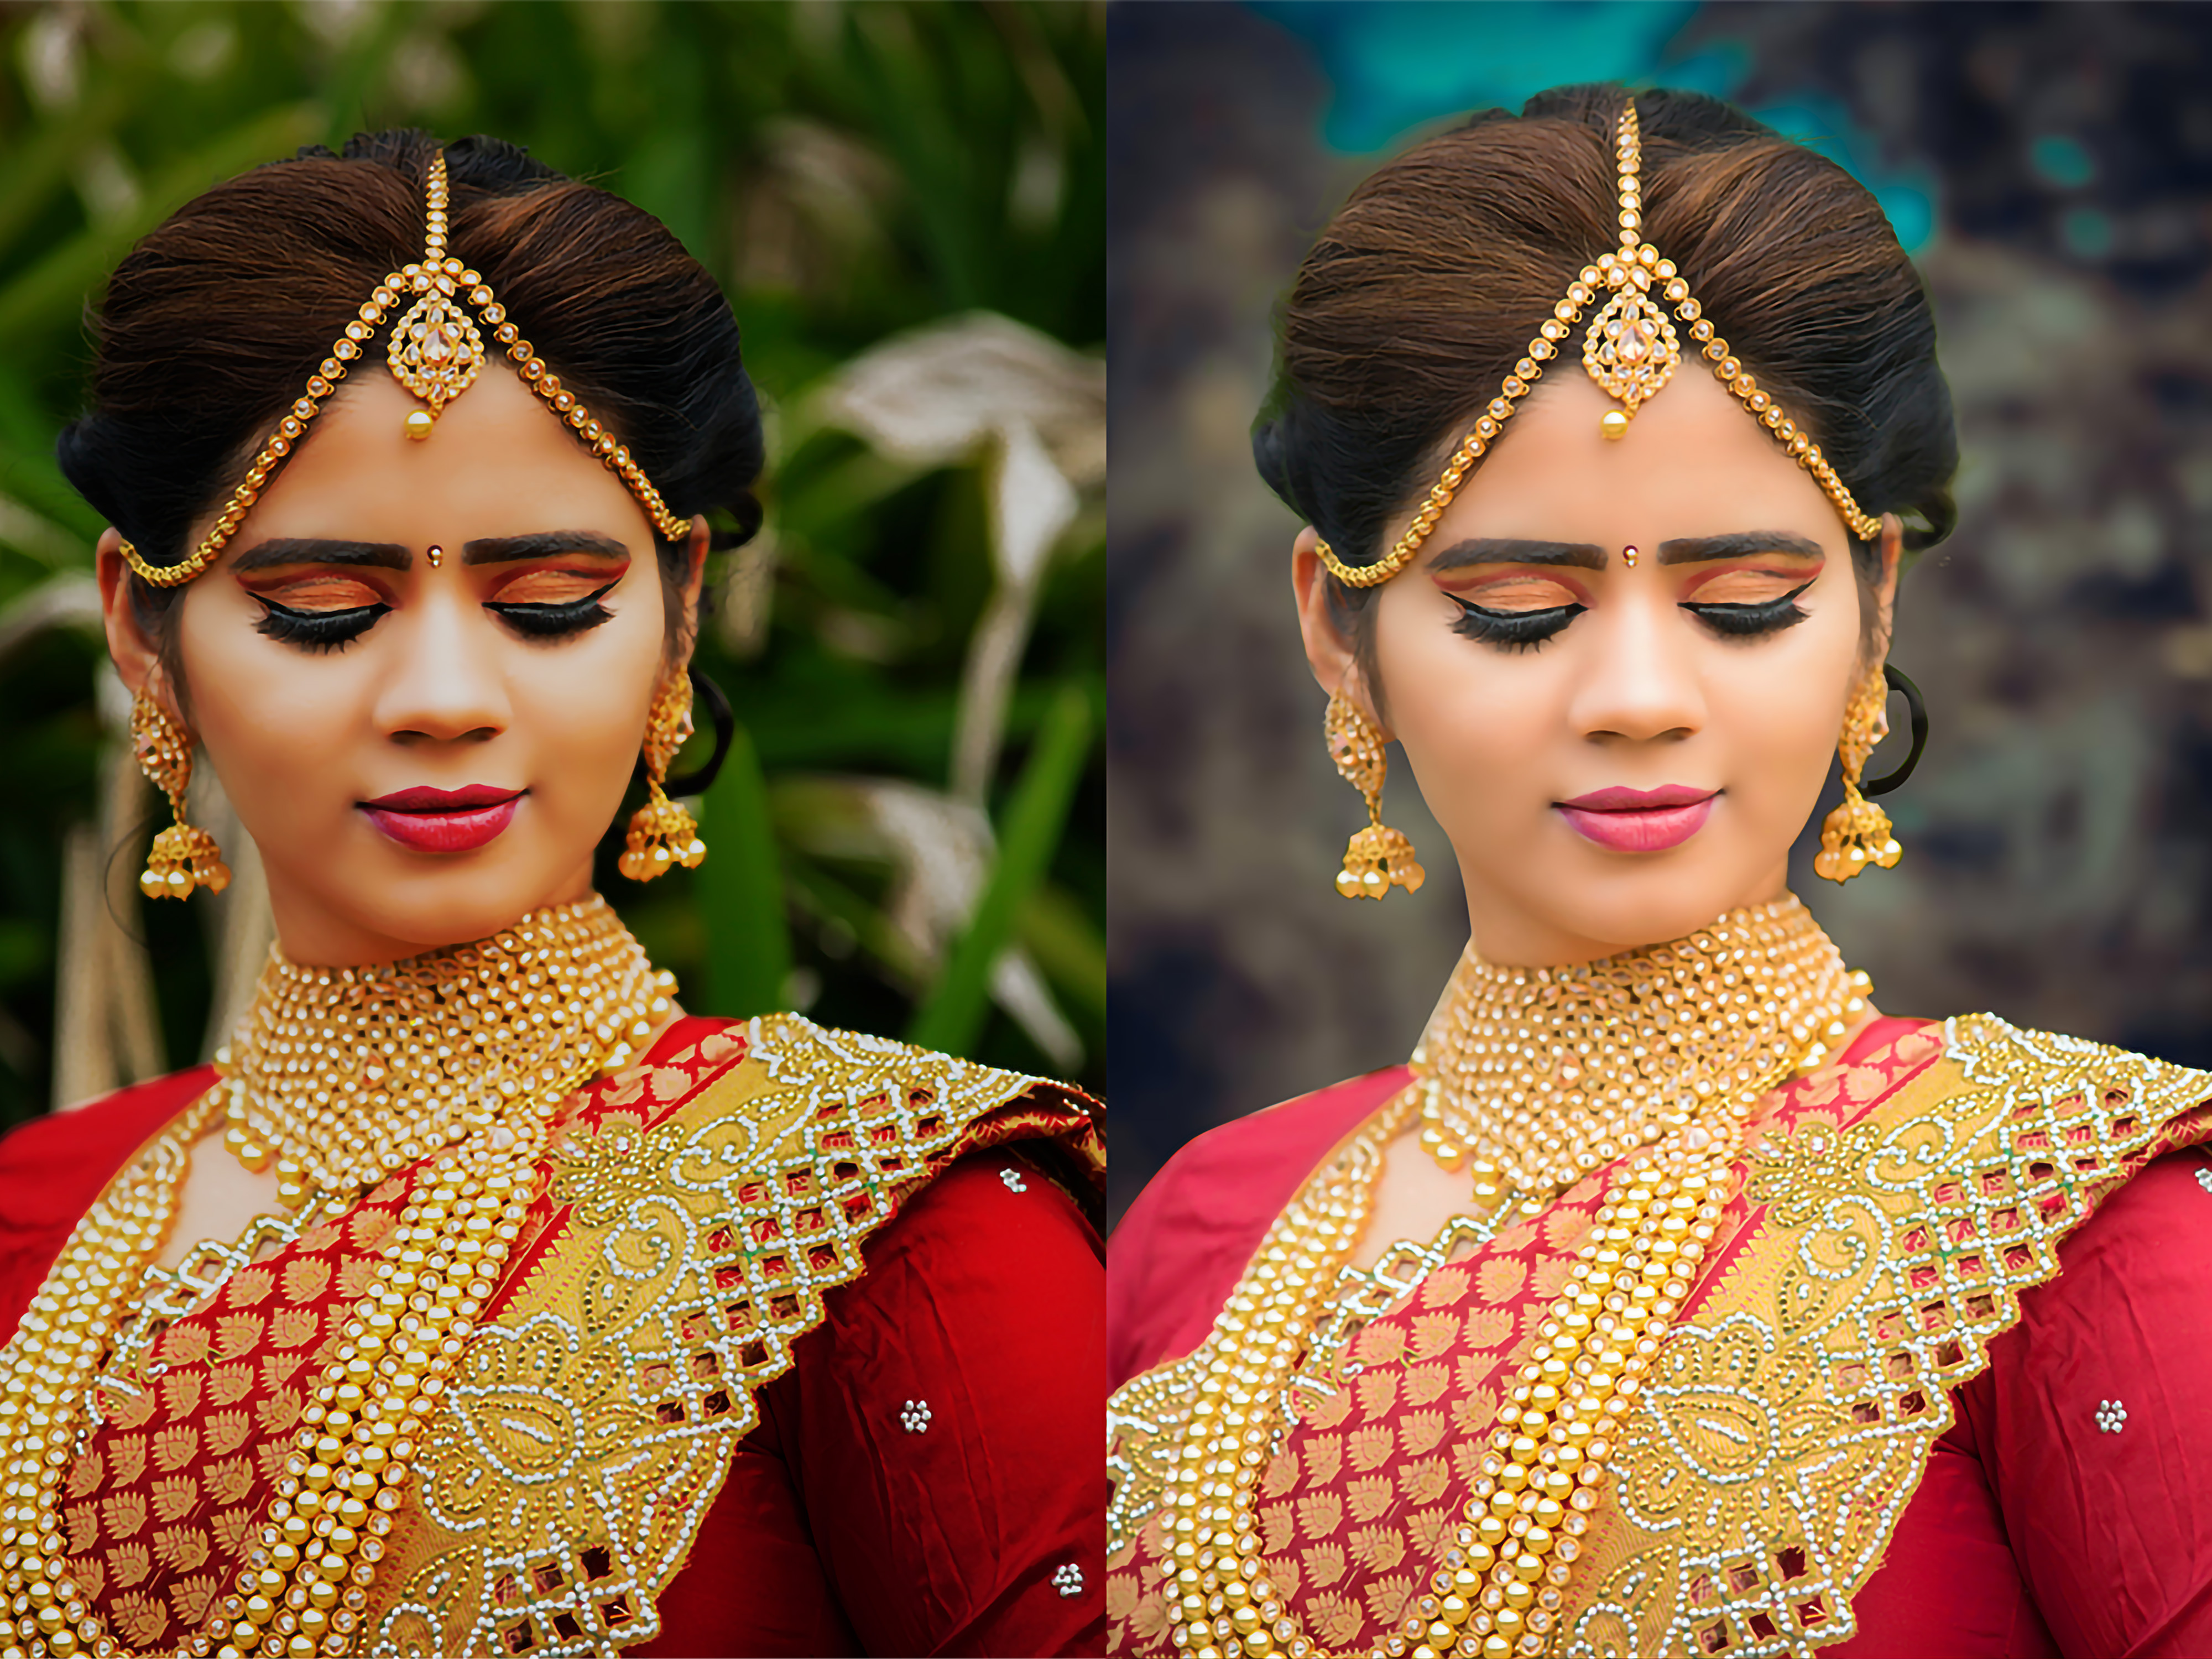 I will do any photo editing using Adobe Photoshop